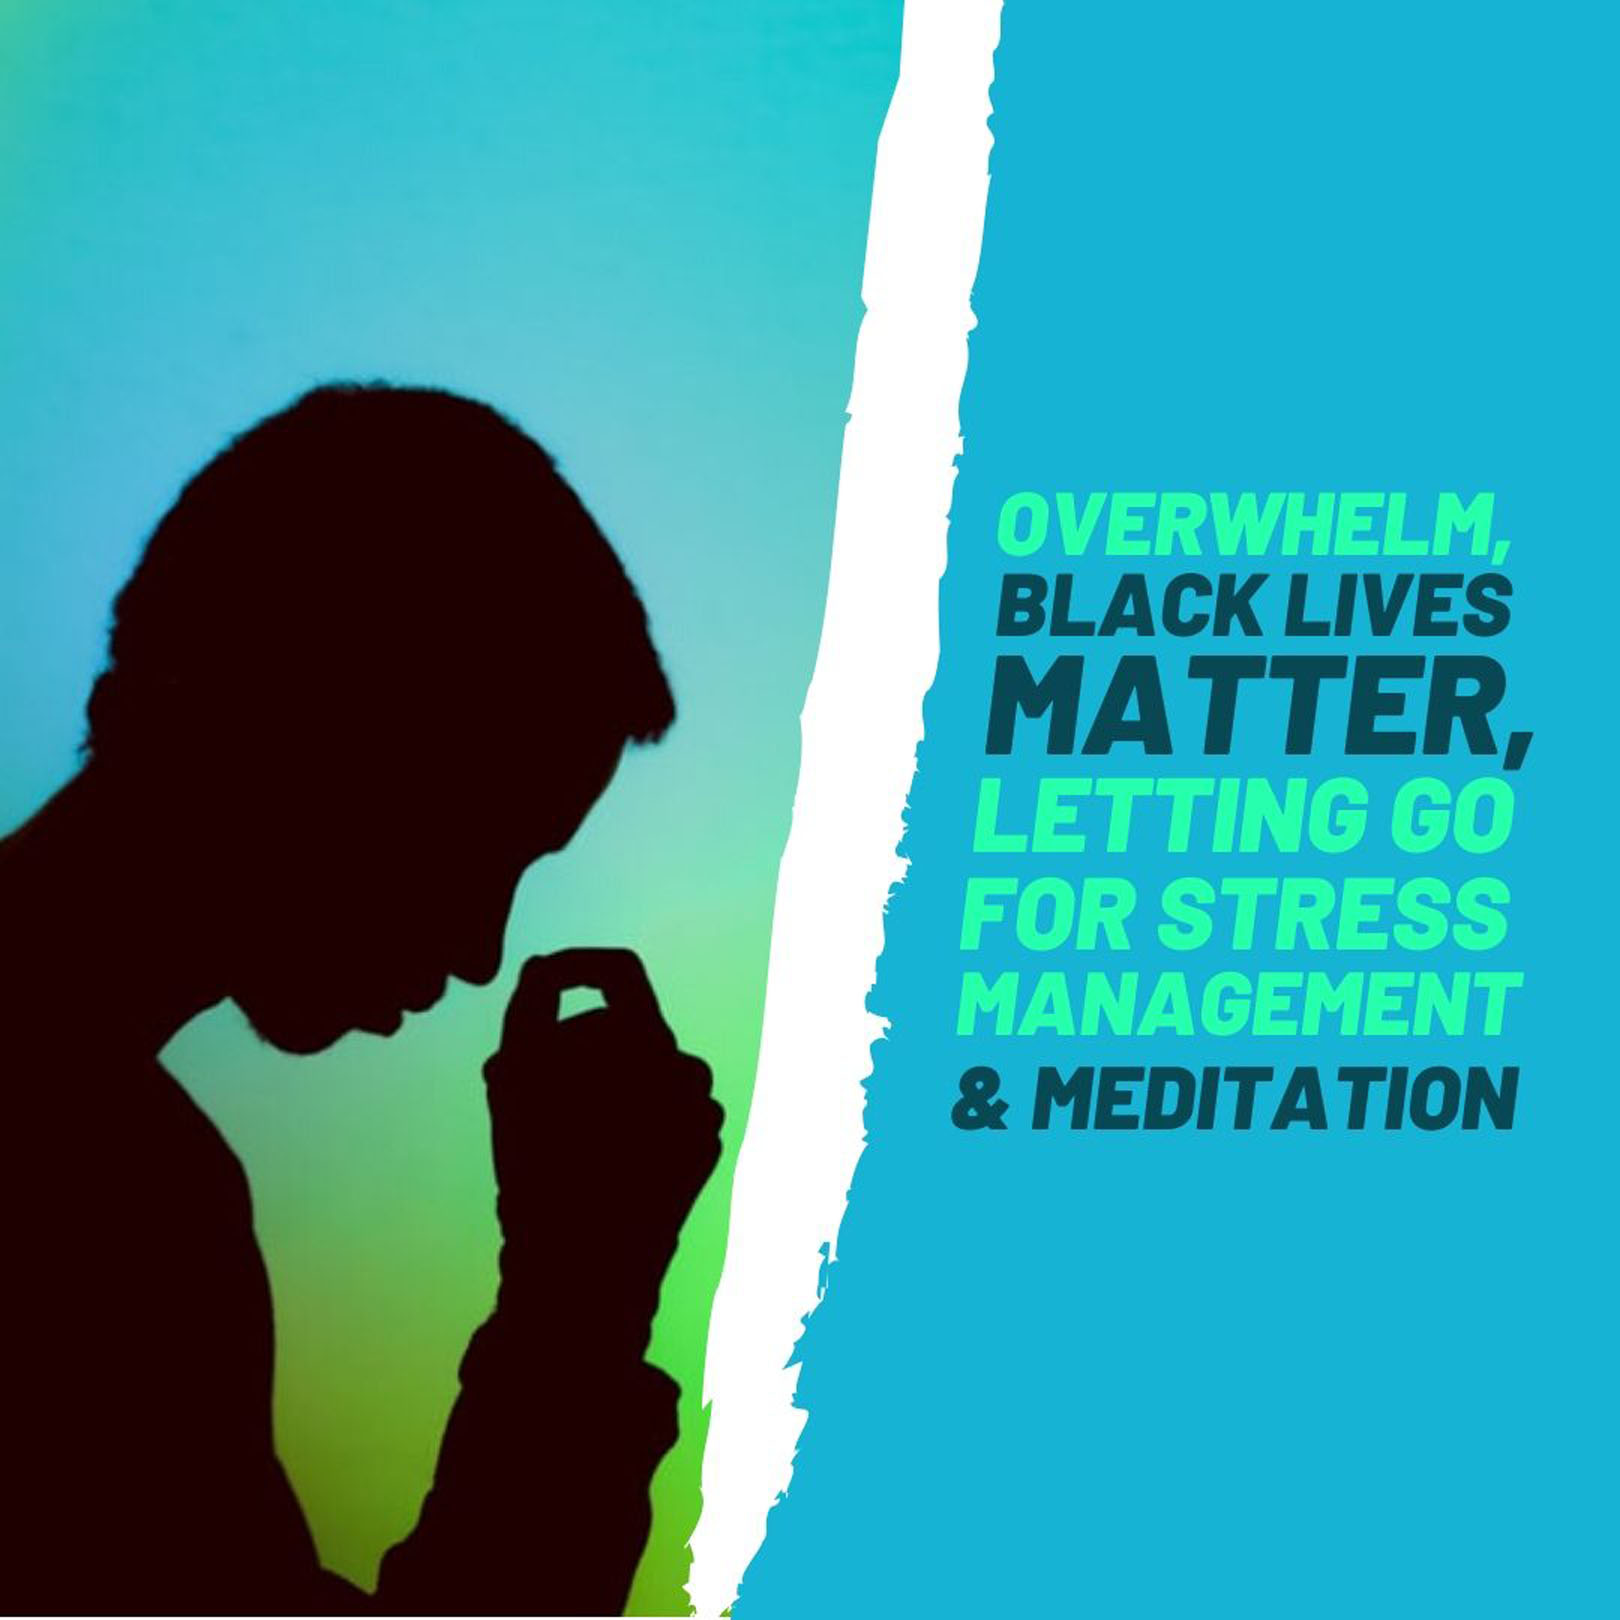 Overwhelm, Black Lives Matter, Letting Go for Stress Management, Meditation